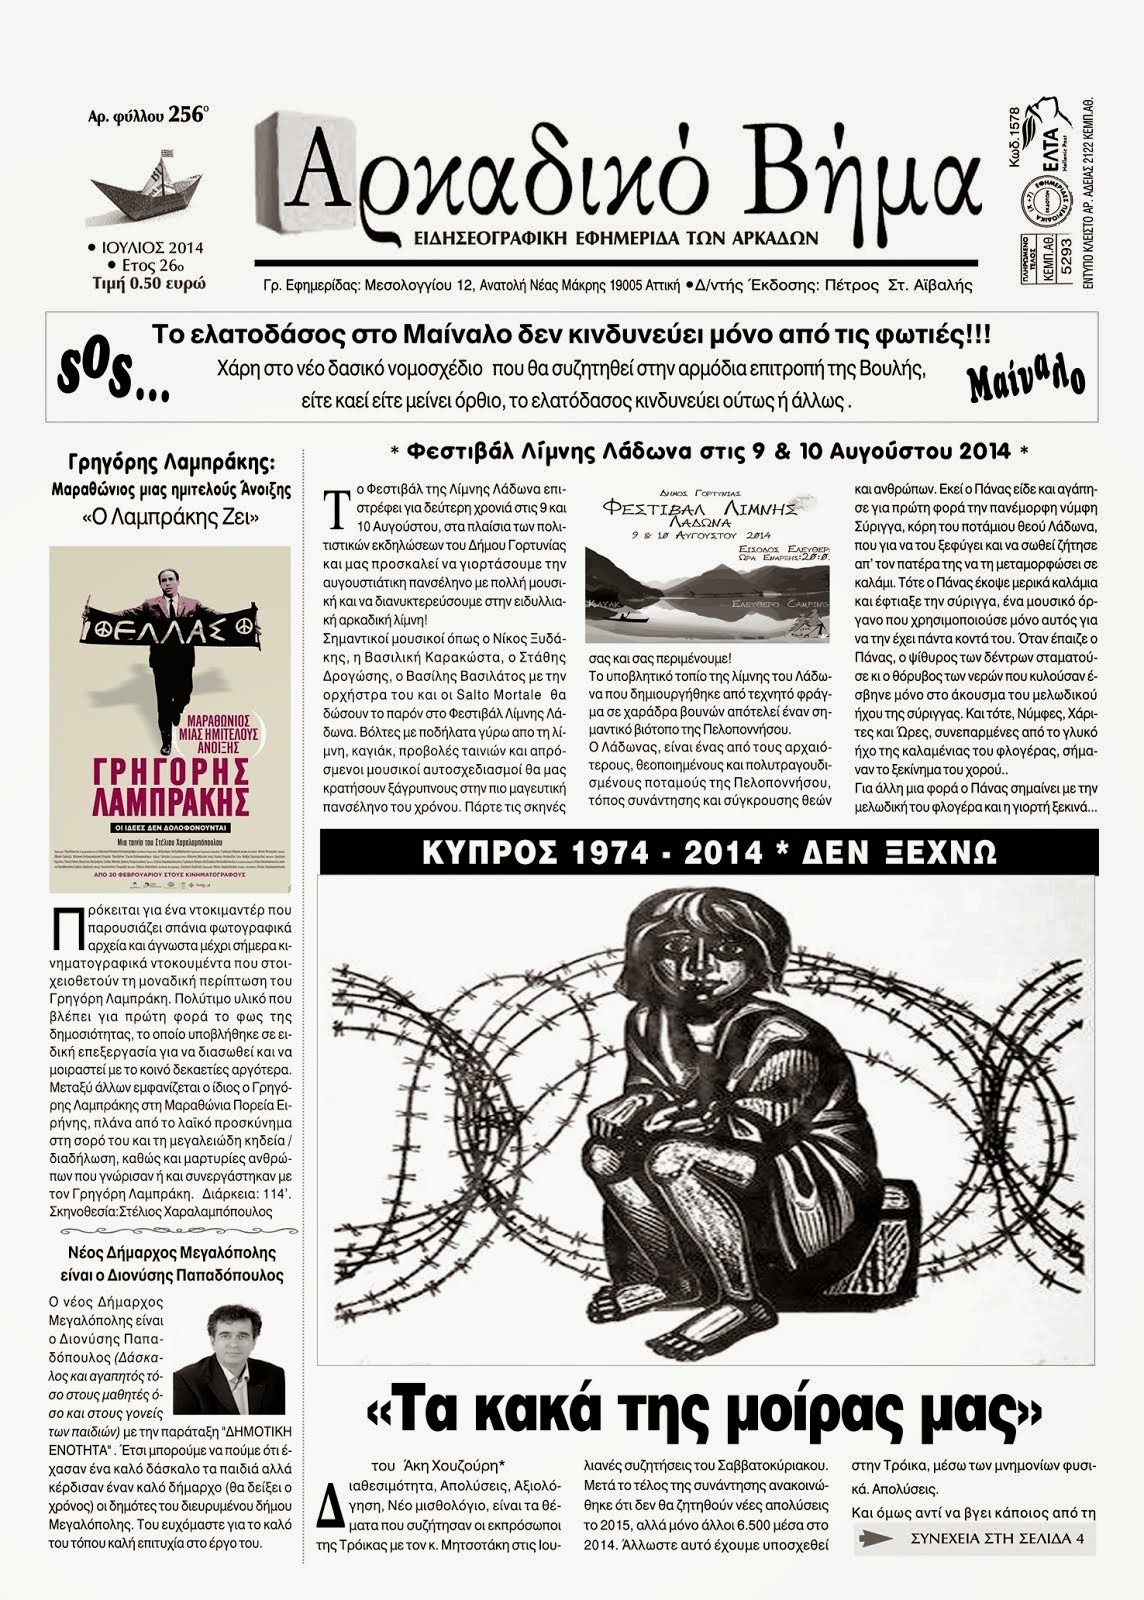 """Γρηγόρης Λαμπράκης: """"Μαραθώνιος μιας ημιτελούς Άνοιξης"""""""